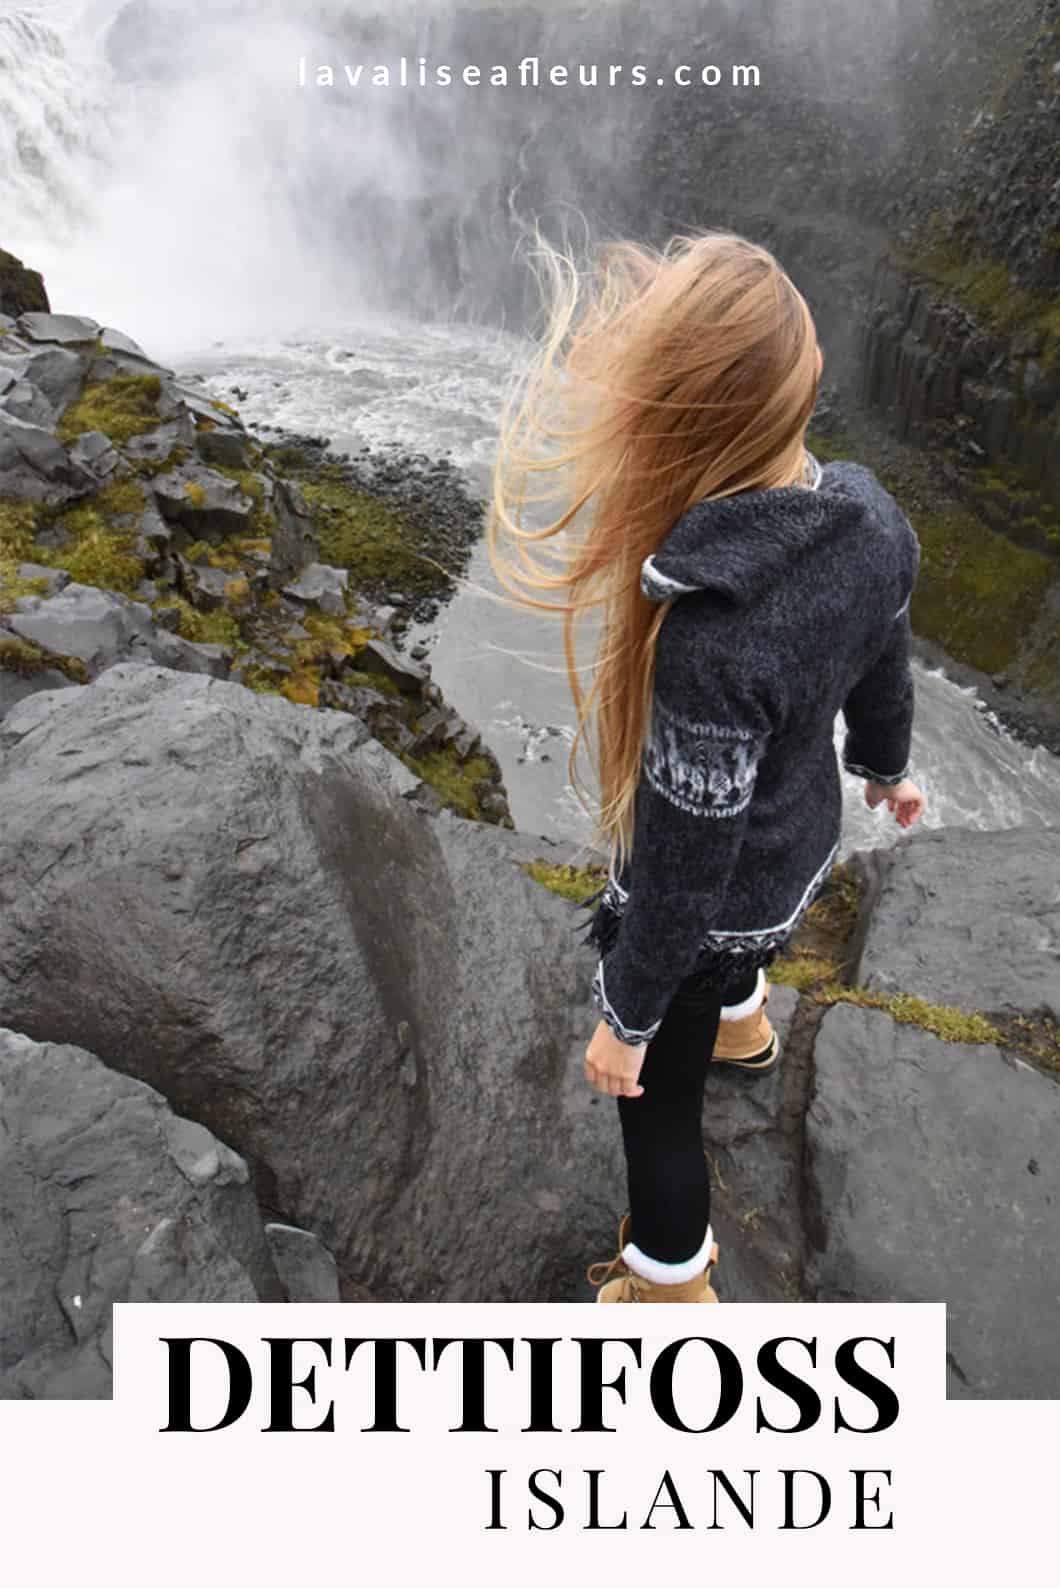 Cascade de Dettifoss, l'une des plus belles cascade en Islande